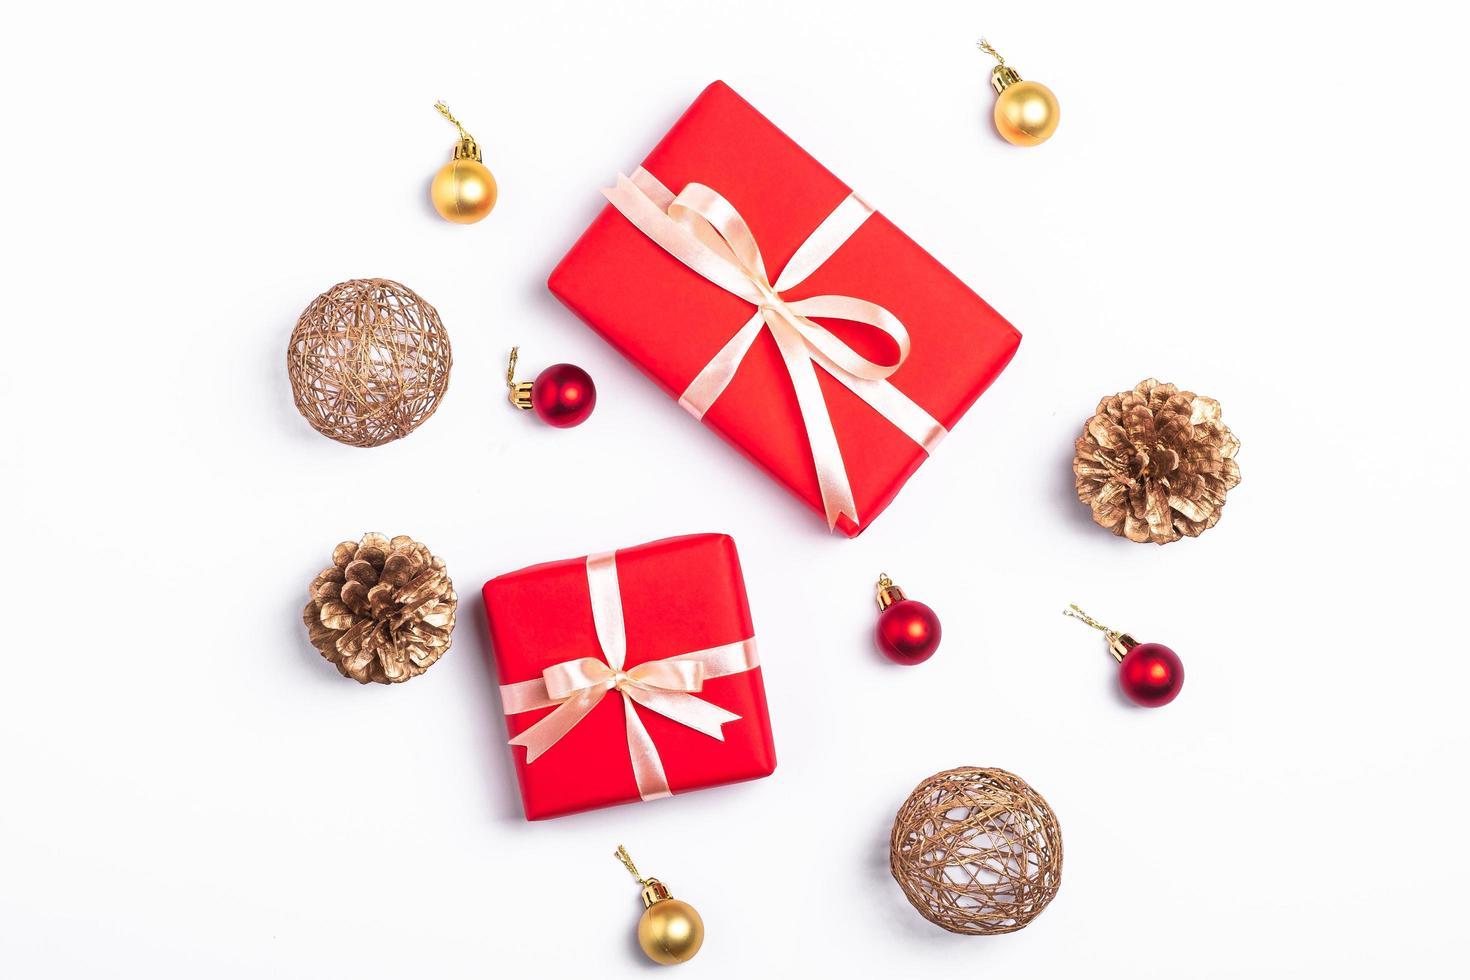 disposizione piatta di regali di Natale e decorazioni foto